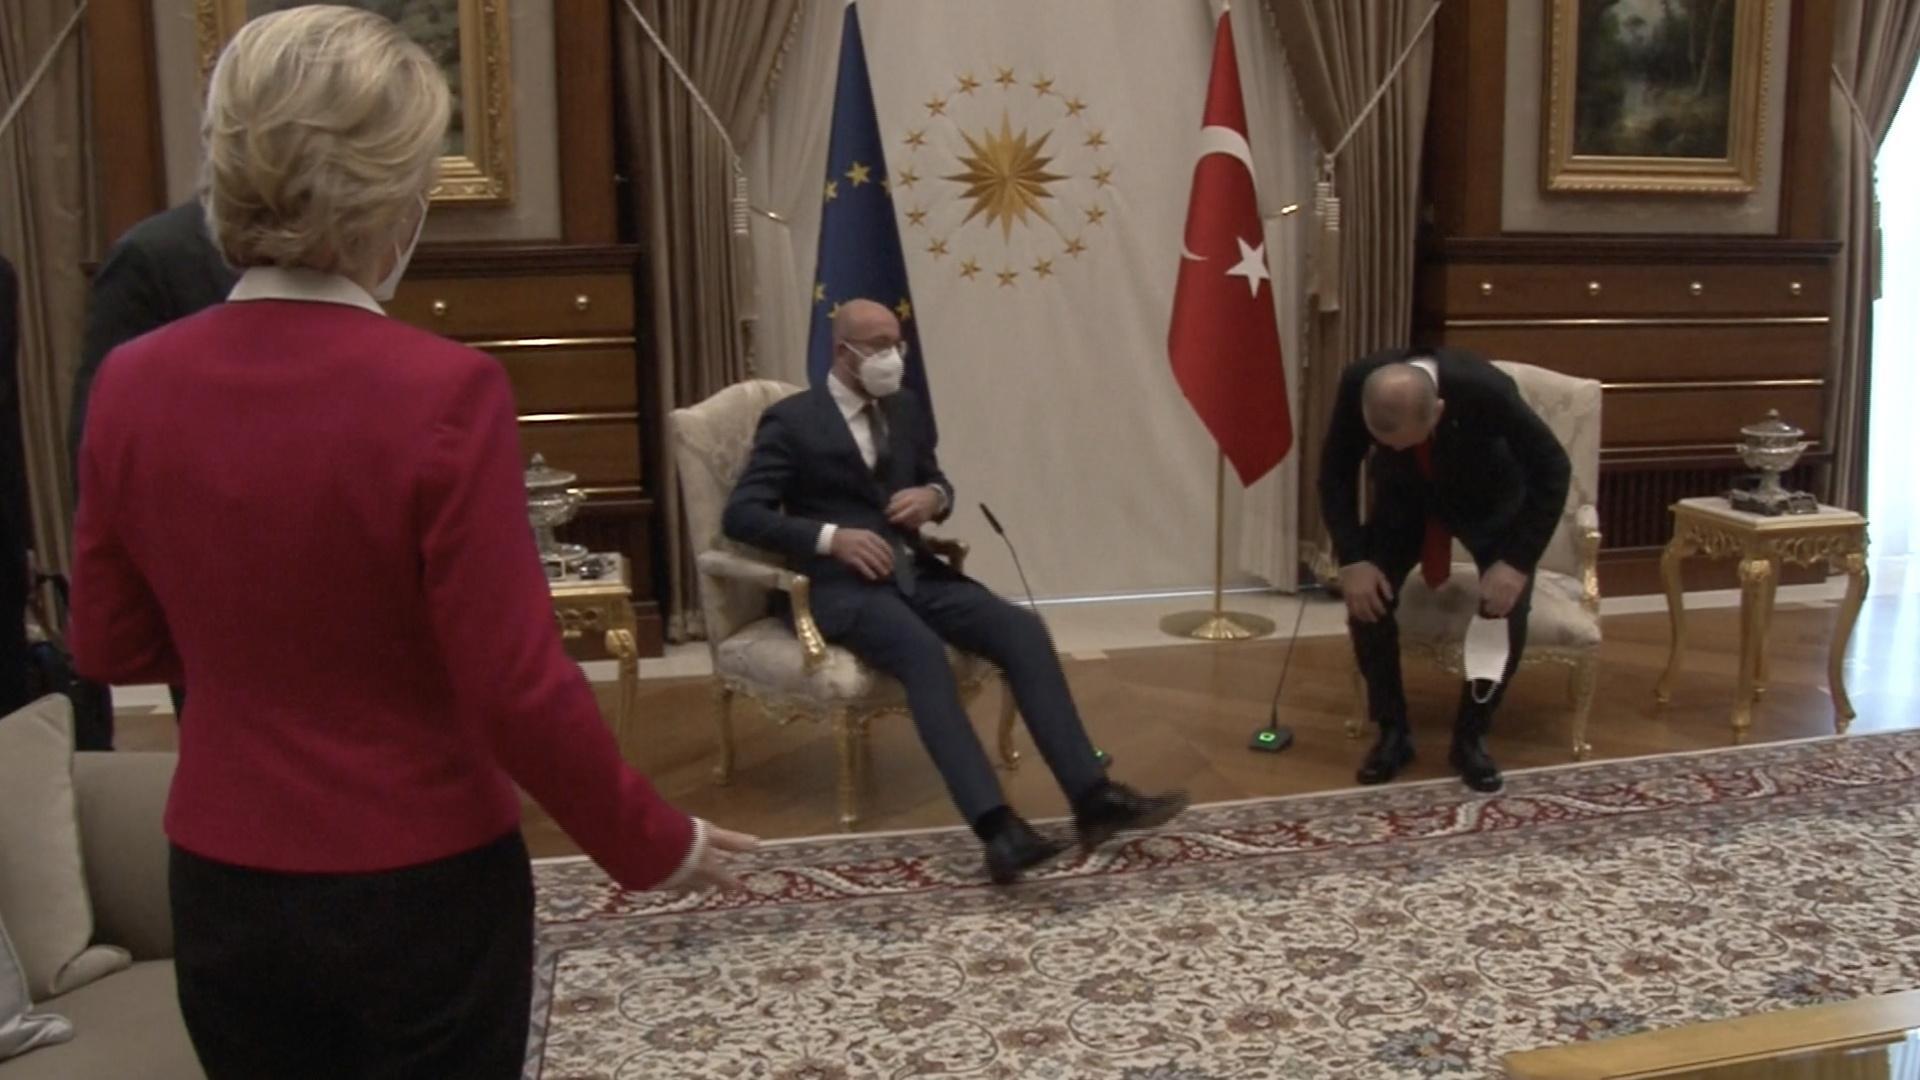 Nữ lãnh đạo EU bị tổng thống Thổ Nhĩ Kỳ phân biệt đối xử? Ảnh 1